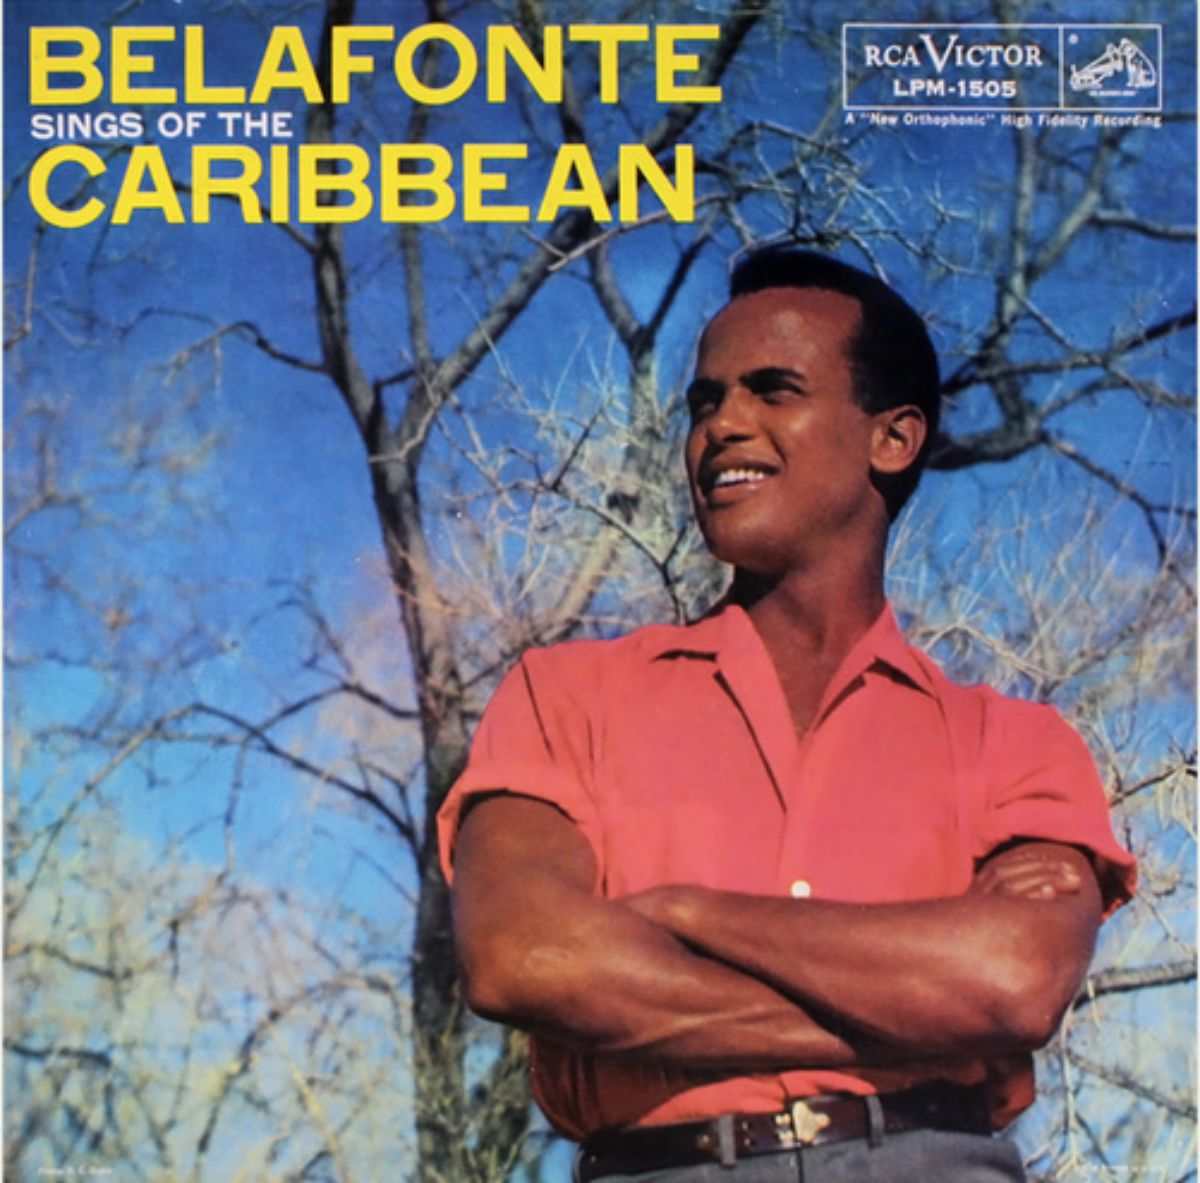 La portada de Sings of the Caribbean. Foto: Facebook